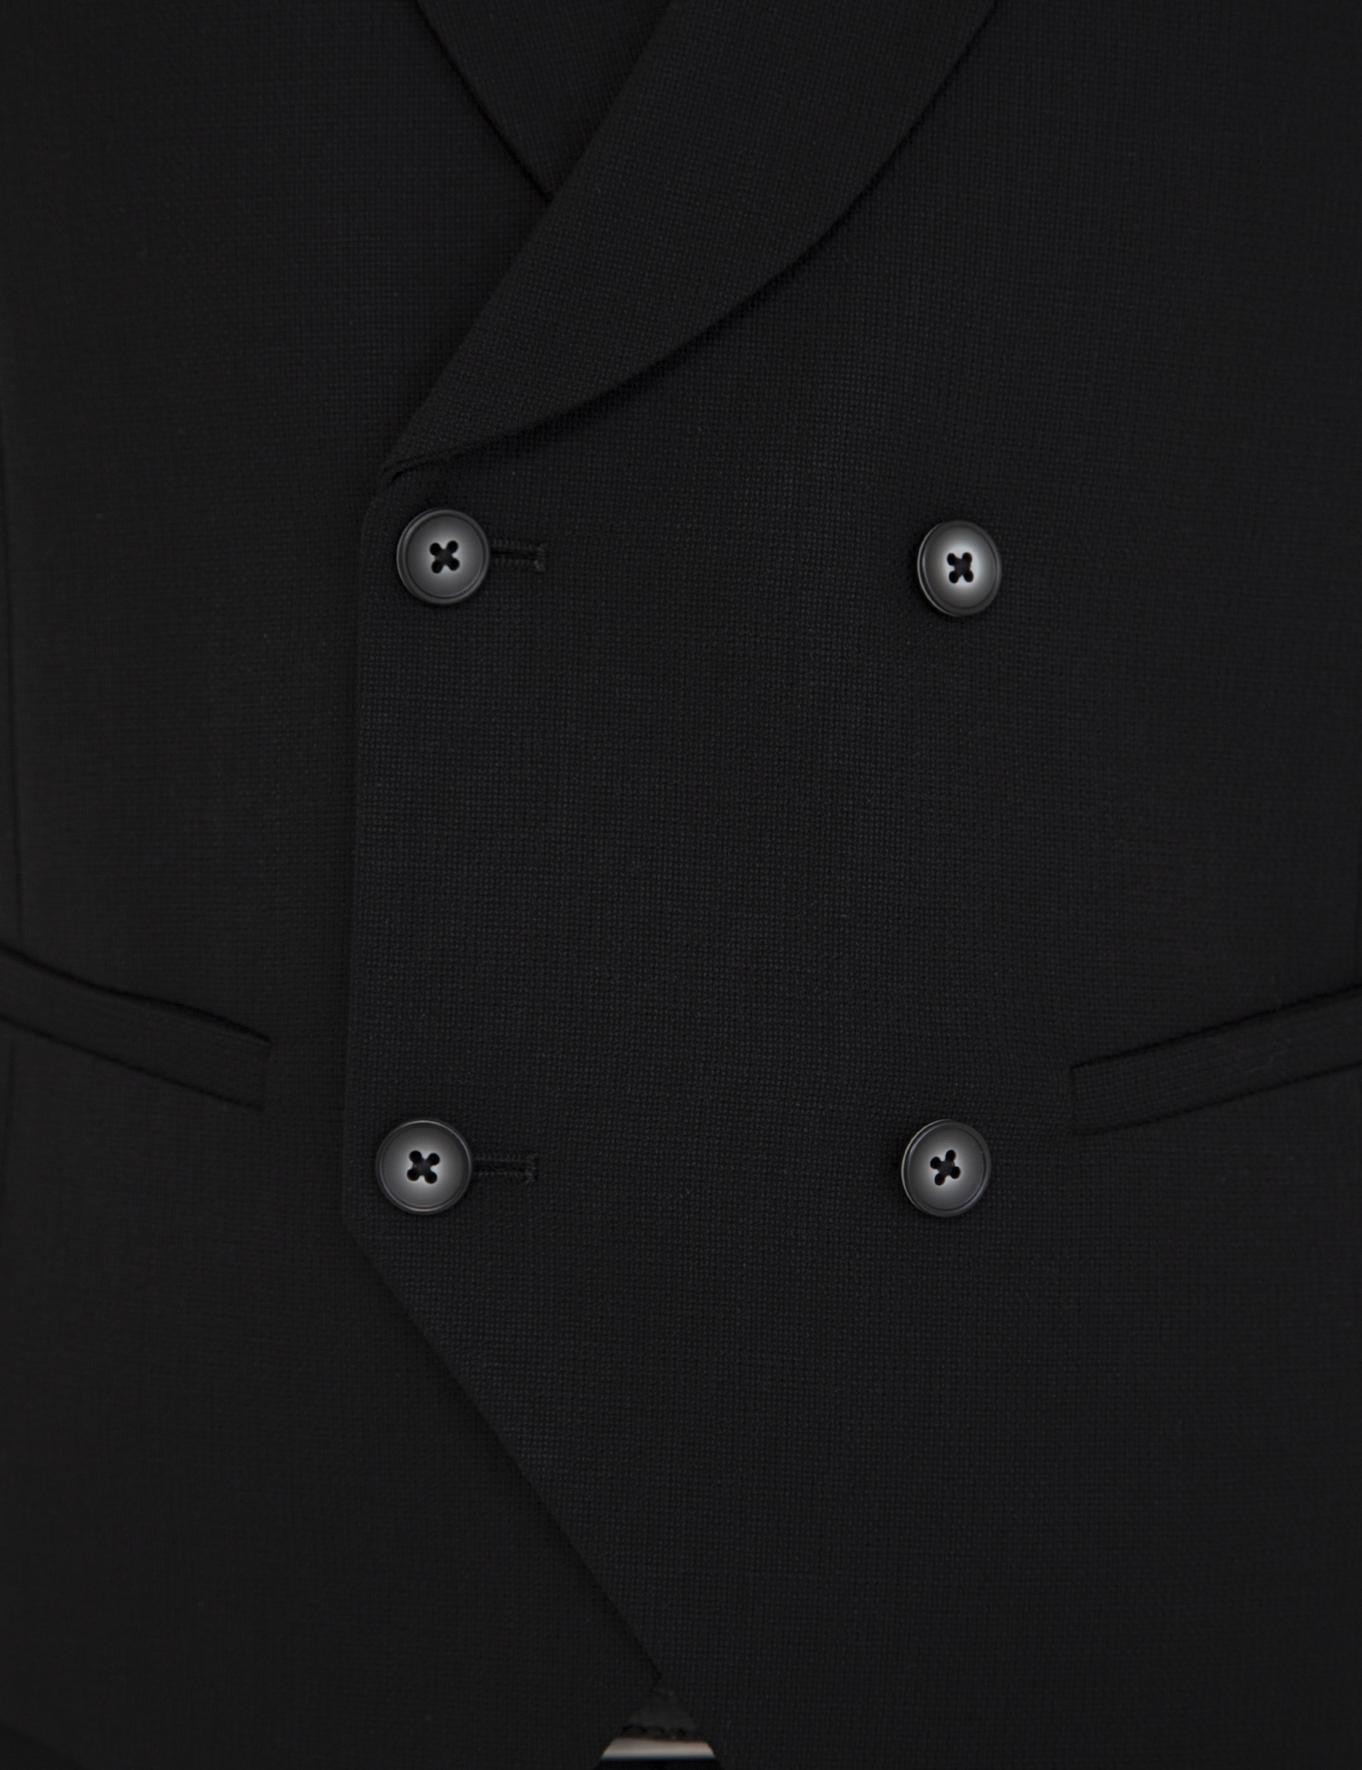 Siyah Slim Fit Yelek - 50235705017